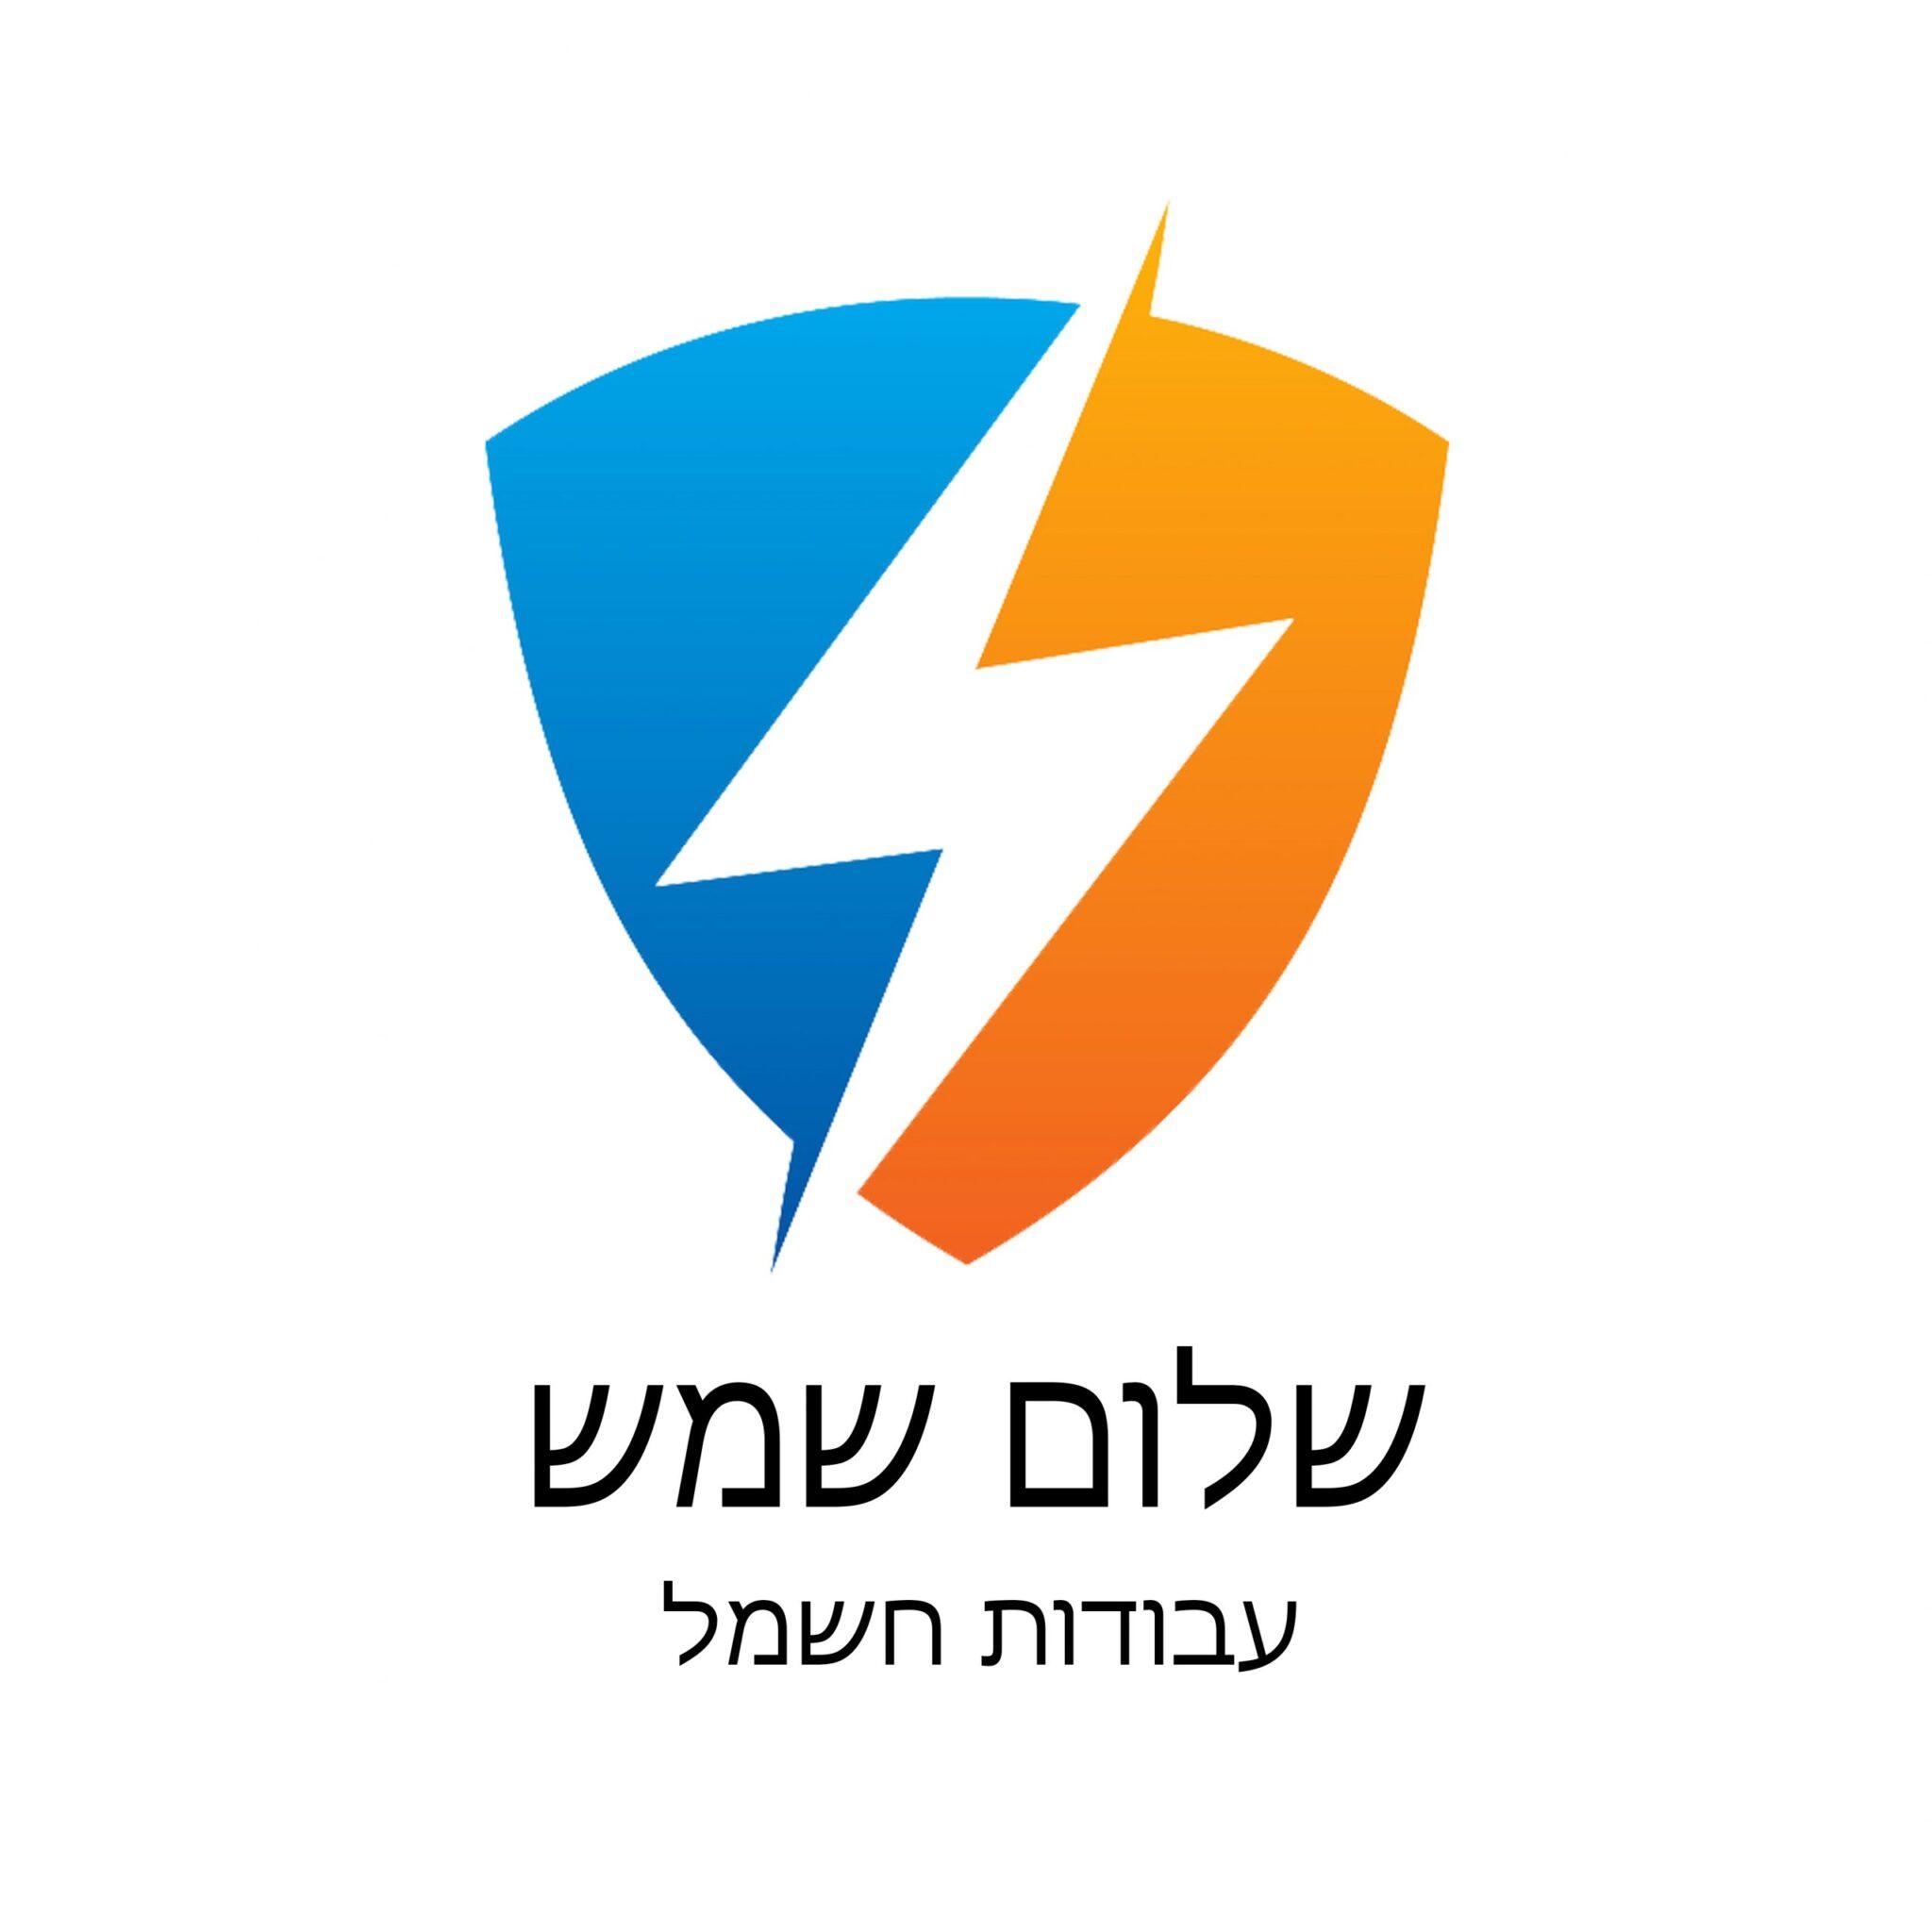 שלום שמש עבודות חשמל לוגו